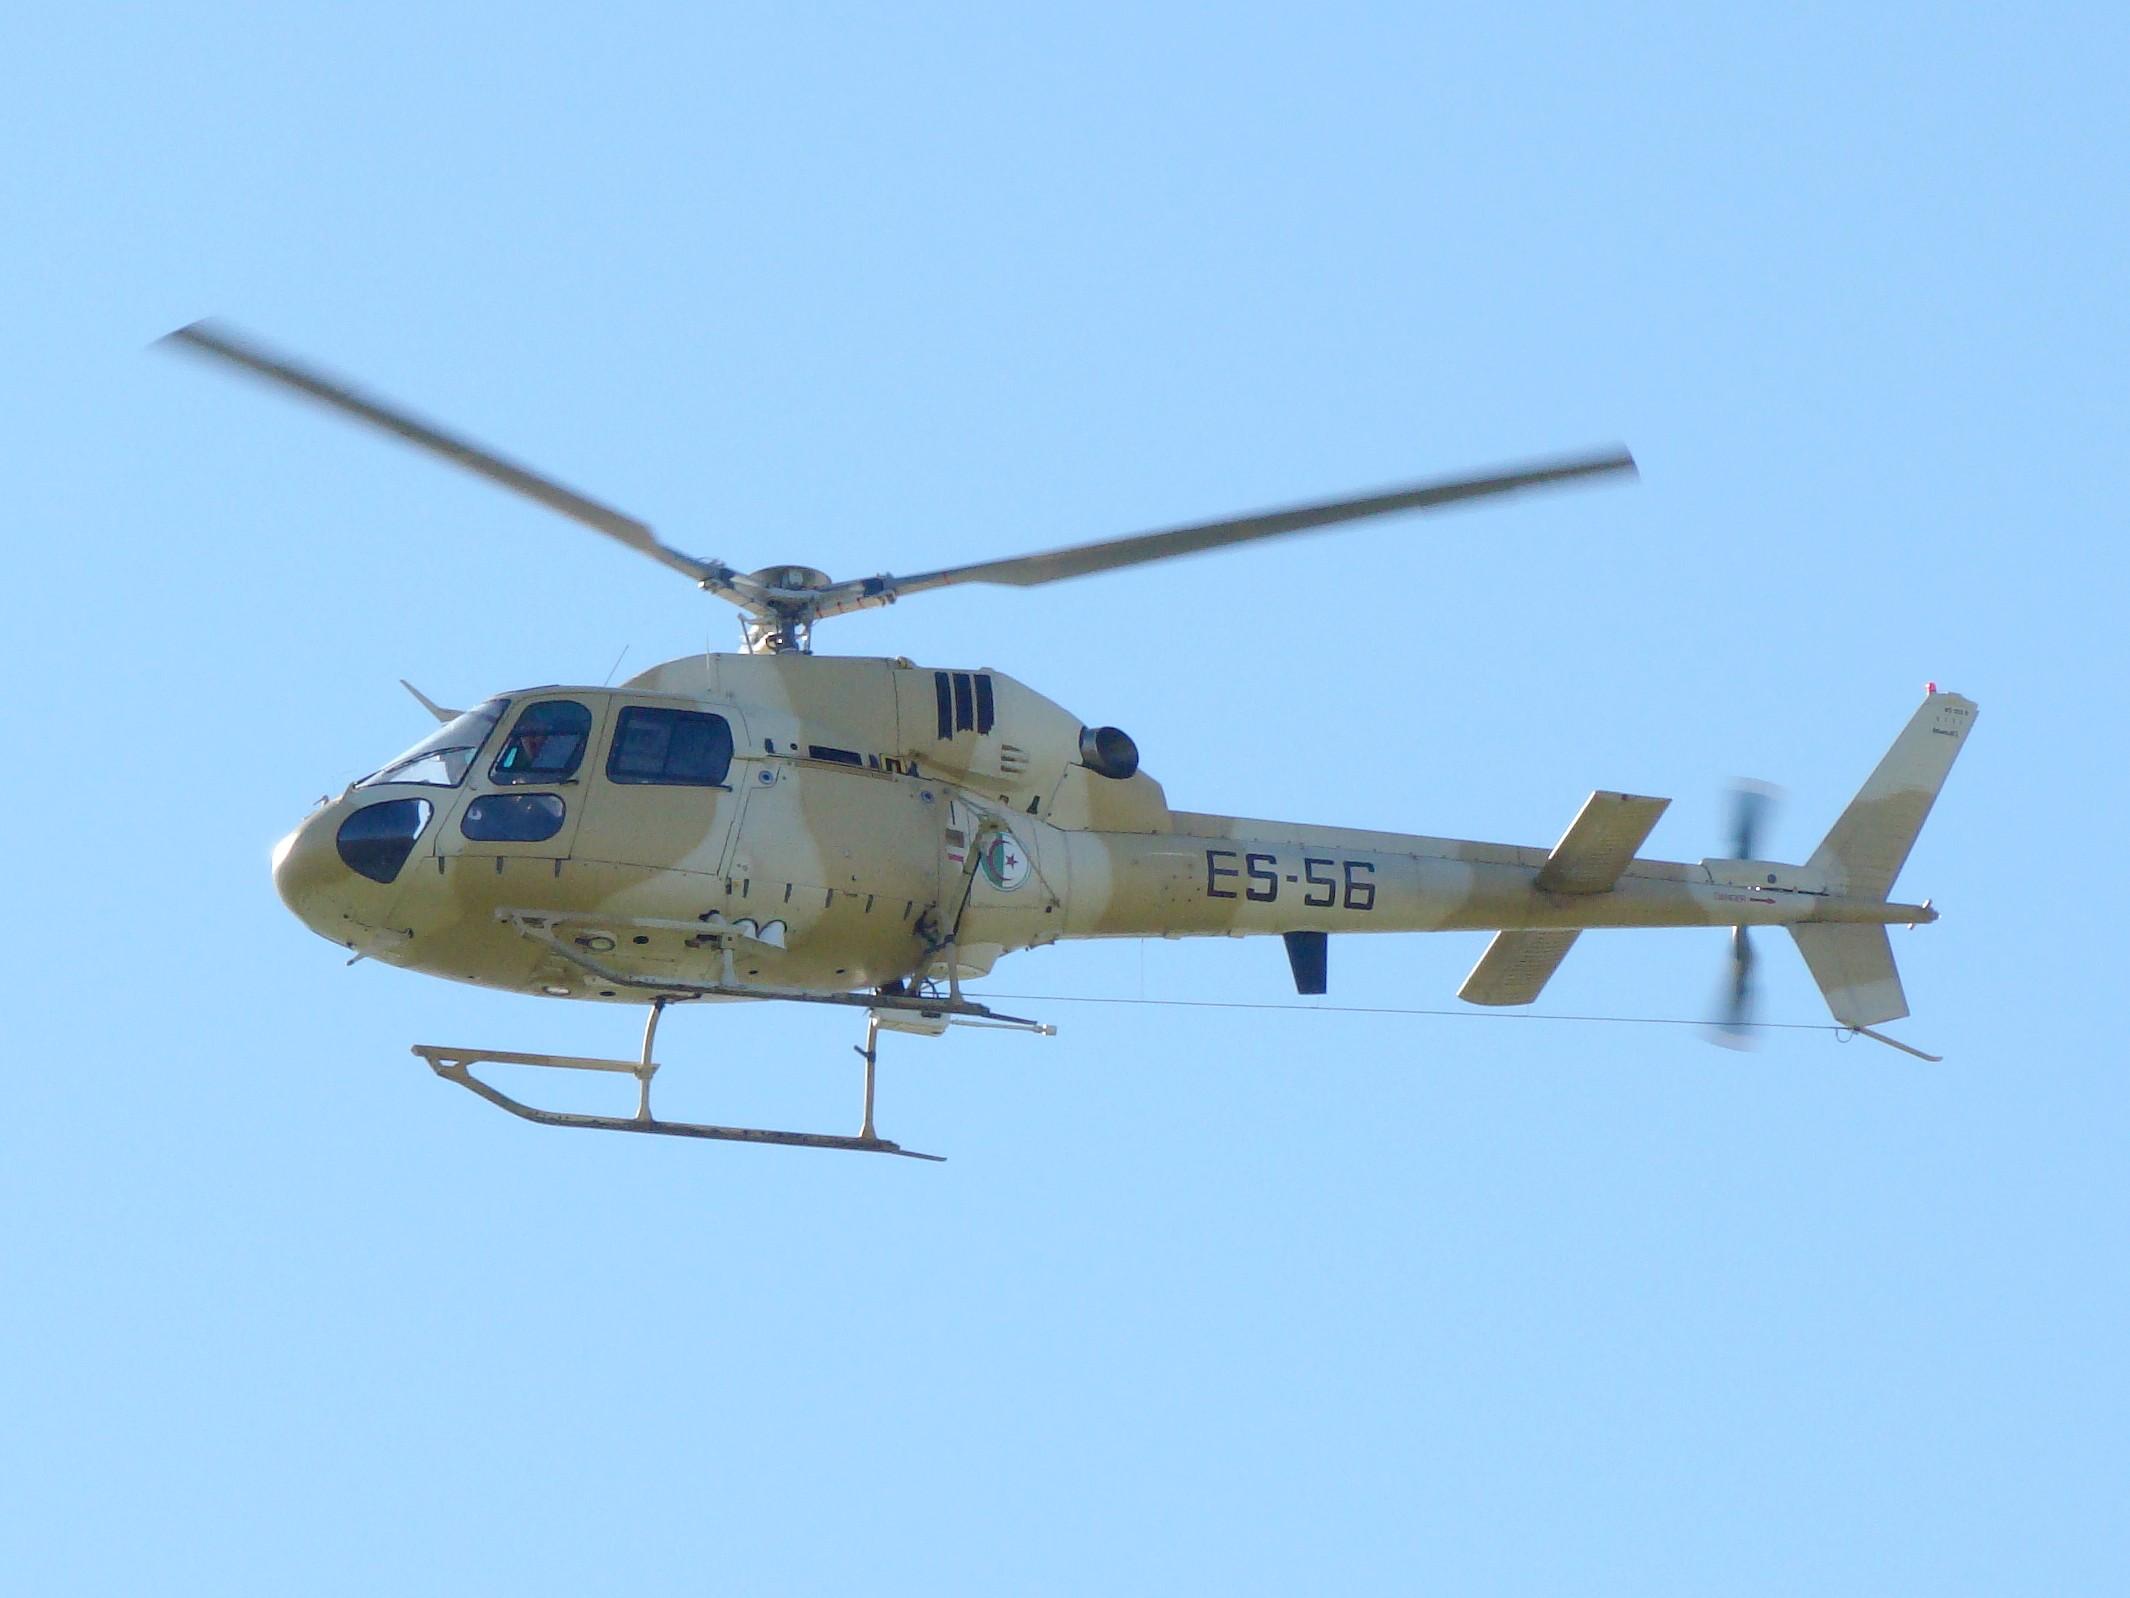 صور مروحيات القوات الجوية الجزائرية Ecureuil/Fennec ] AS-355N2 / AS-555N ] - صفحة 4 4374268948_87cb0ef917_o